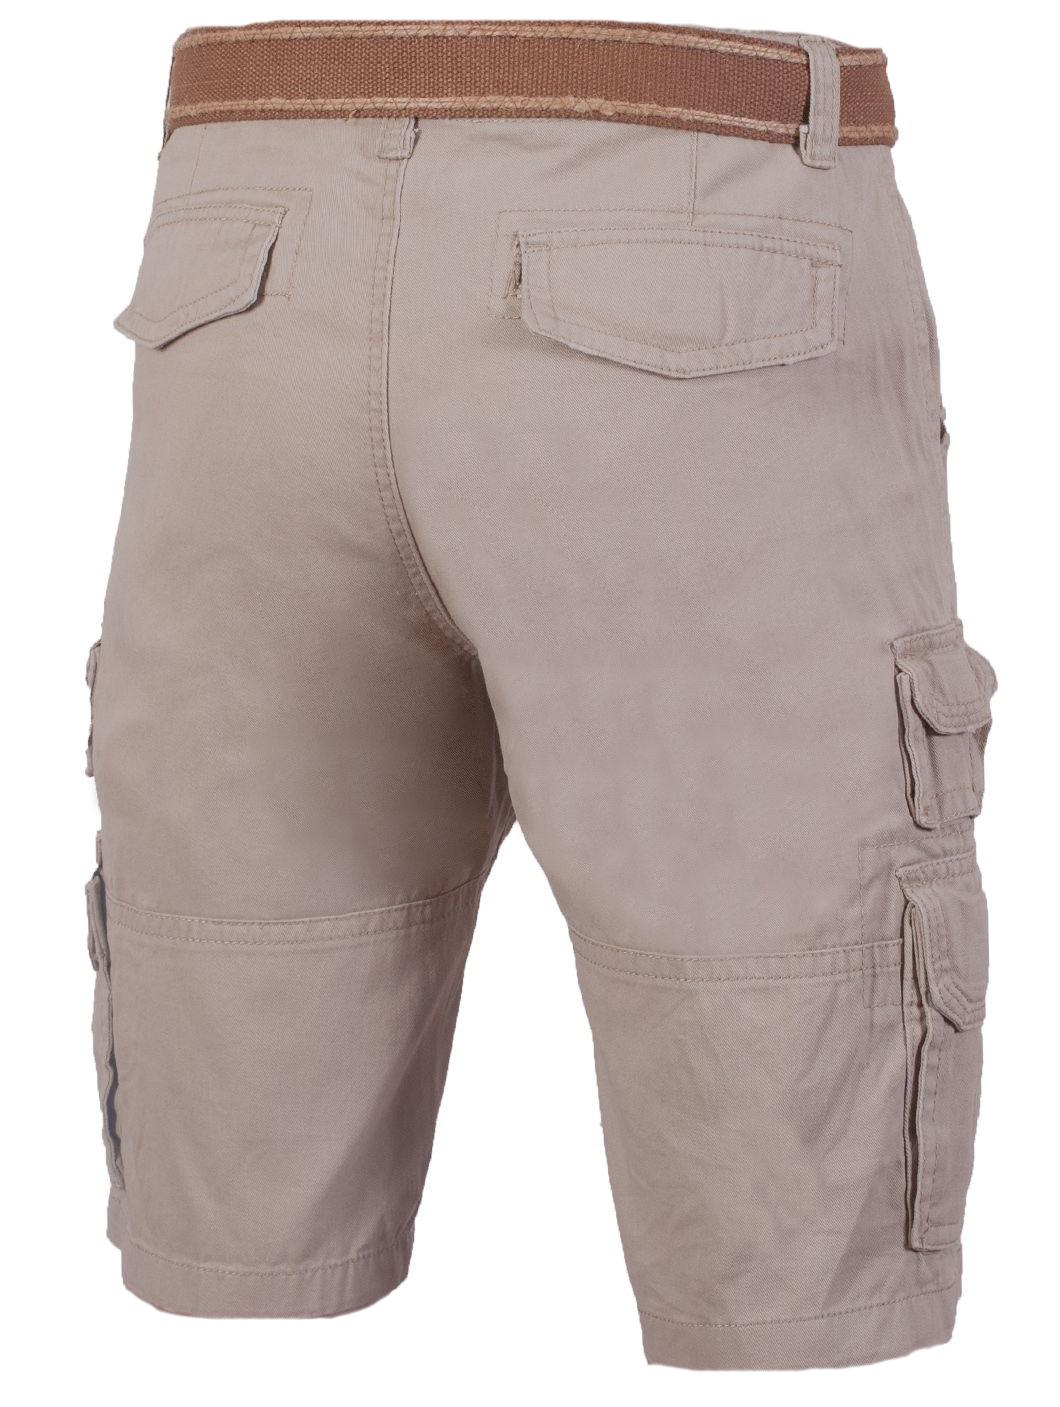 Купить бежевые шорты мужские